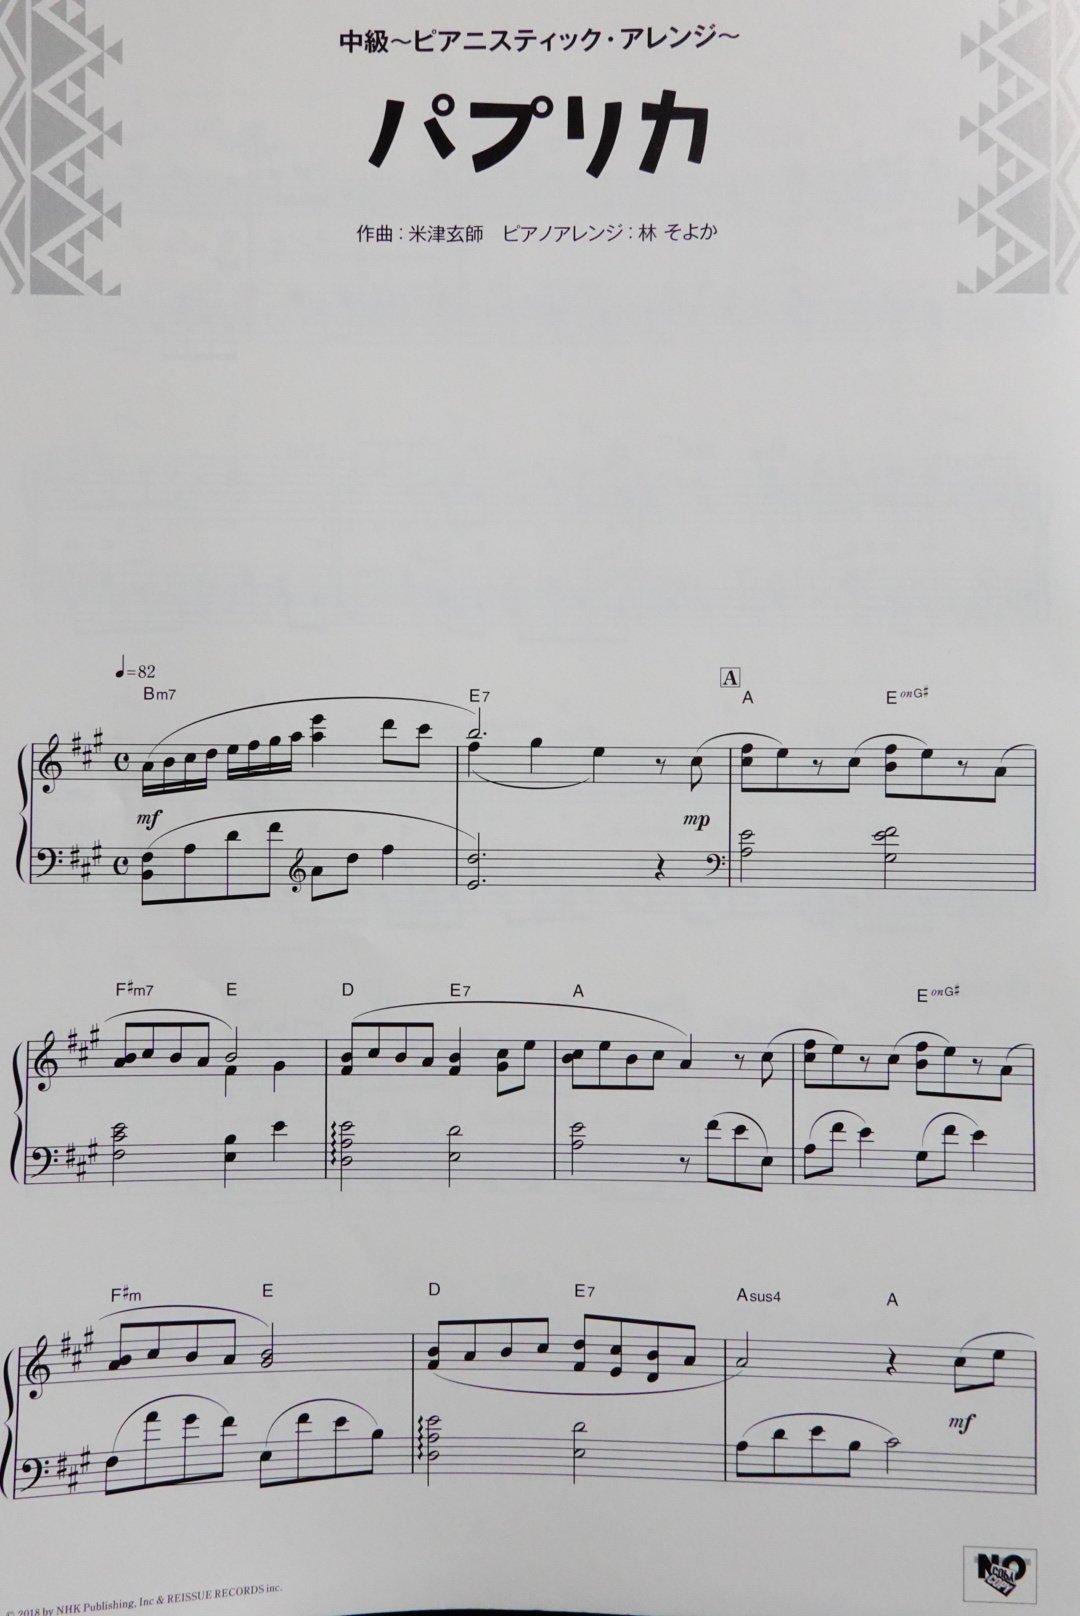 中級向けピアノ楽譜『パプリカ』